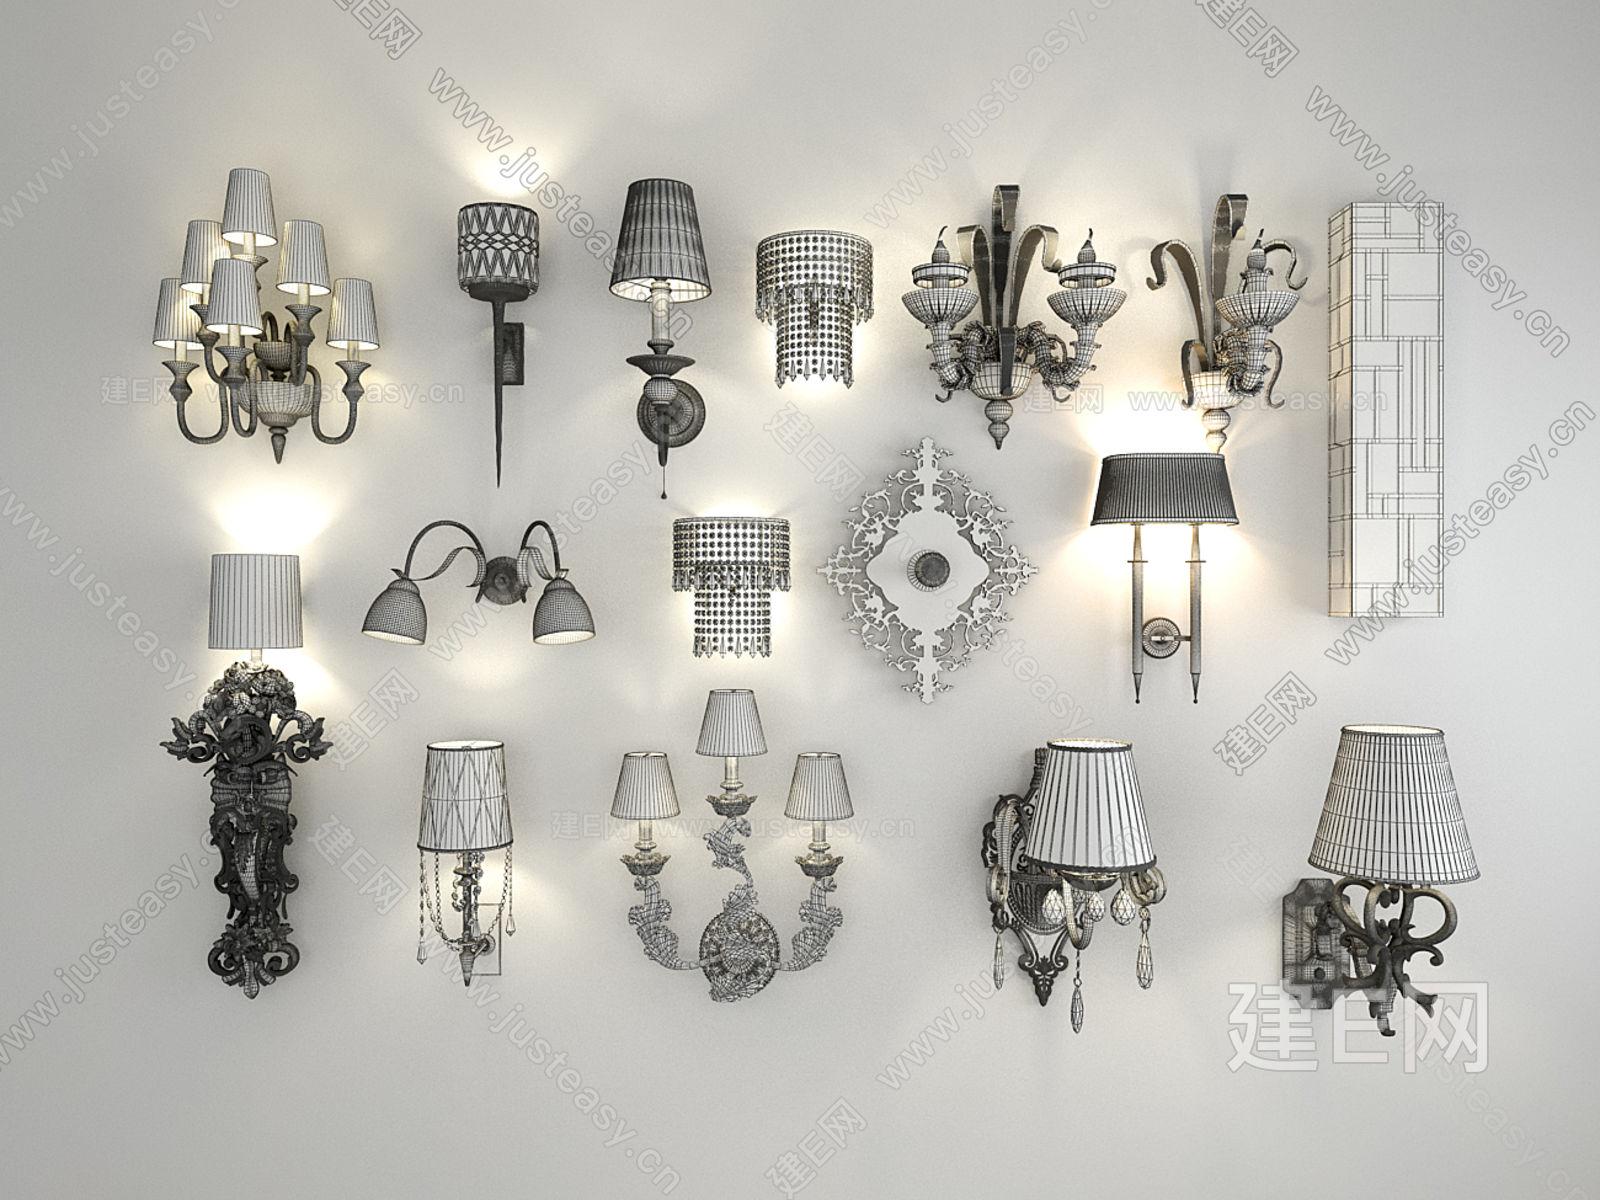 欧式奢华水晶琉璃金属壁灯组合壁灯灯具模型-3d模型分享交流平台-原创3d模型下载-3d模型下载网站